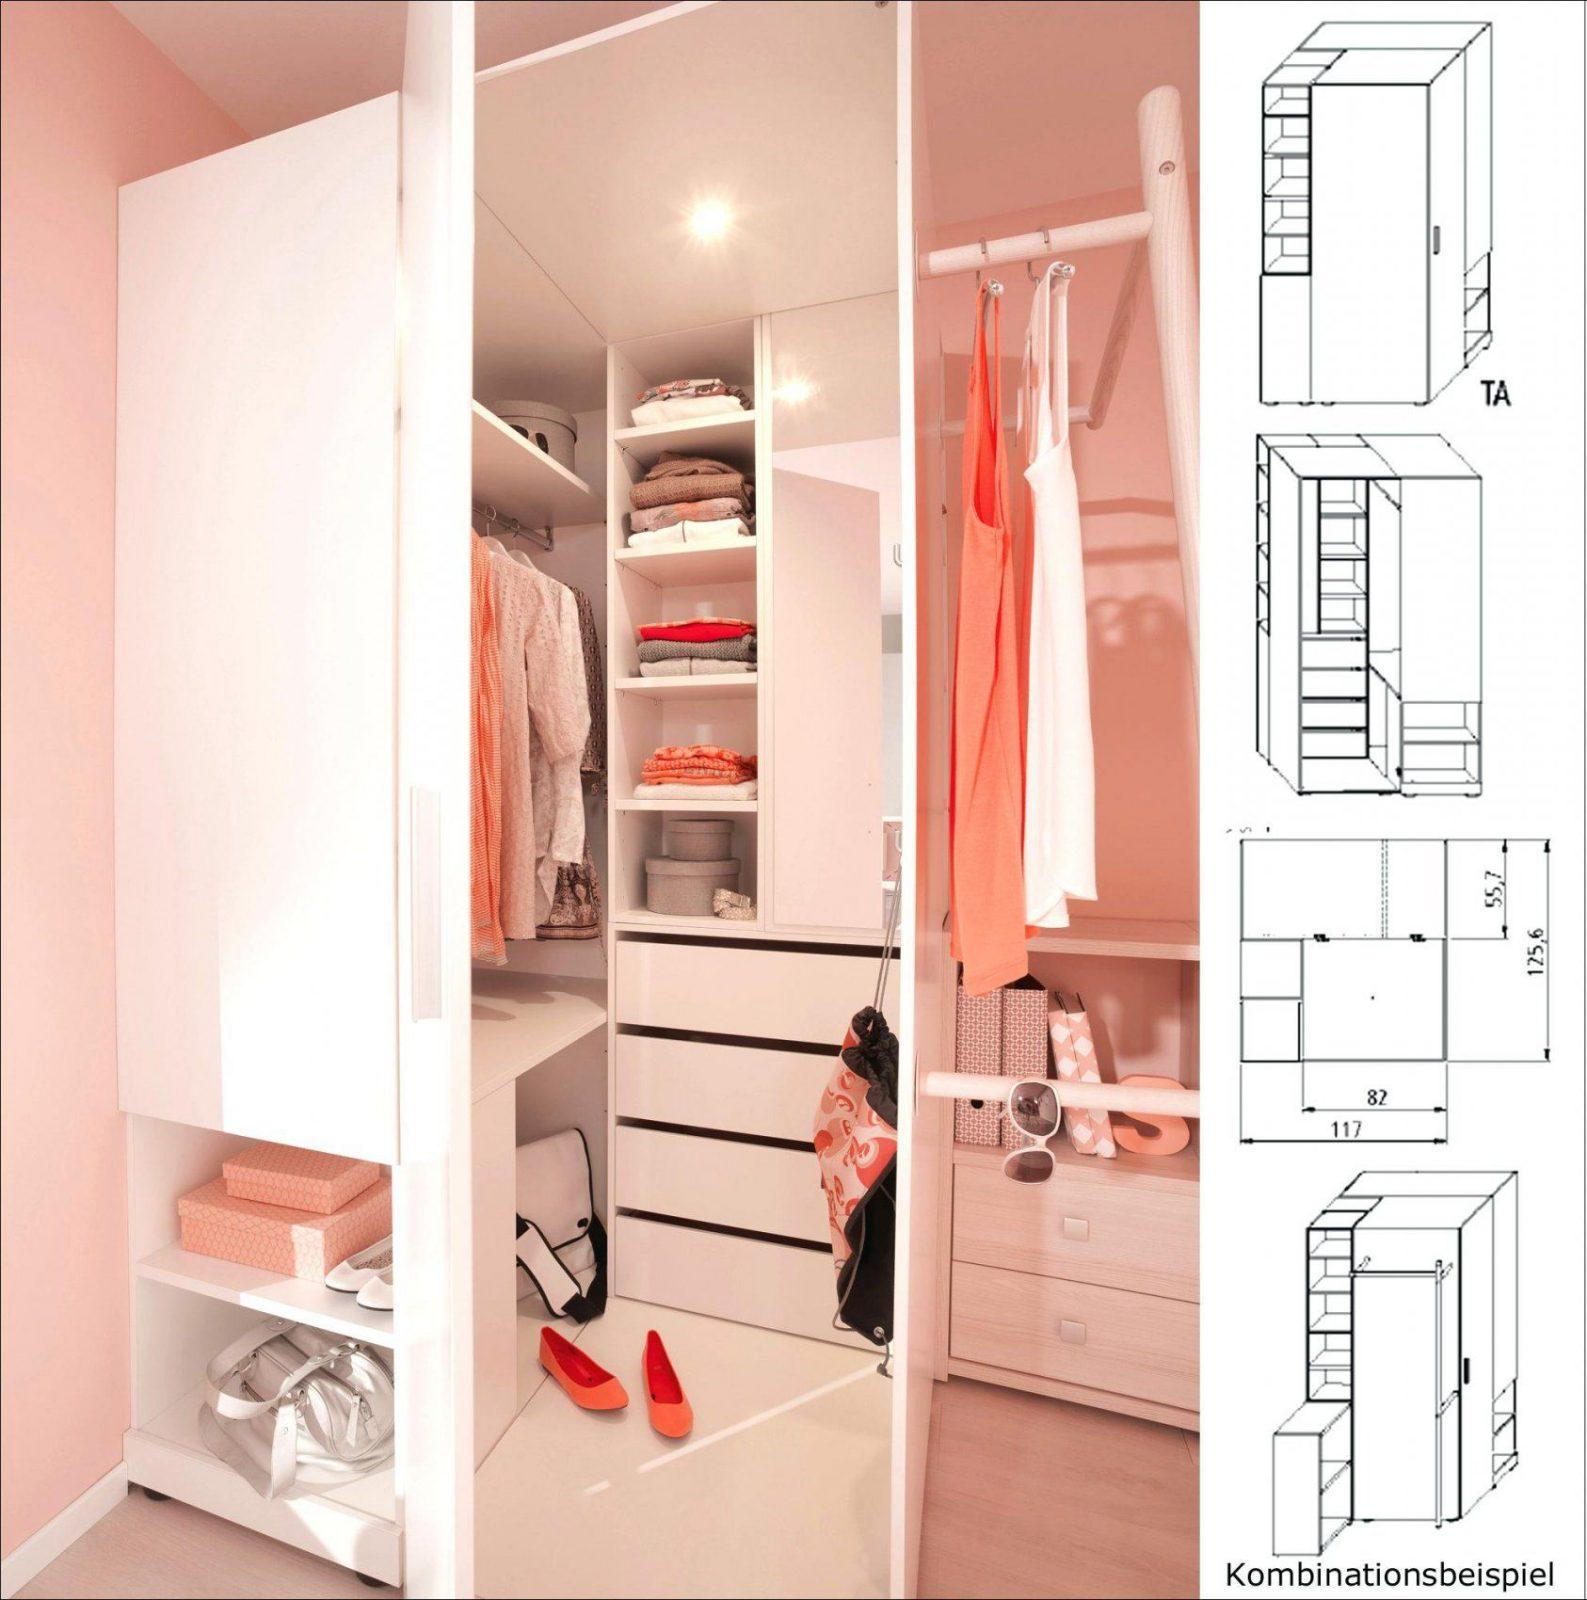 Begehbarer Eckschrank Wellemabel Room X Eckkleiderschrank Weia von Jugendzimmer Mit Begehbarem Schrank Bild